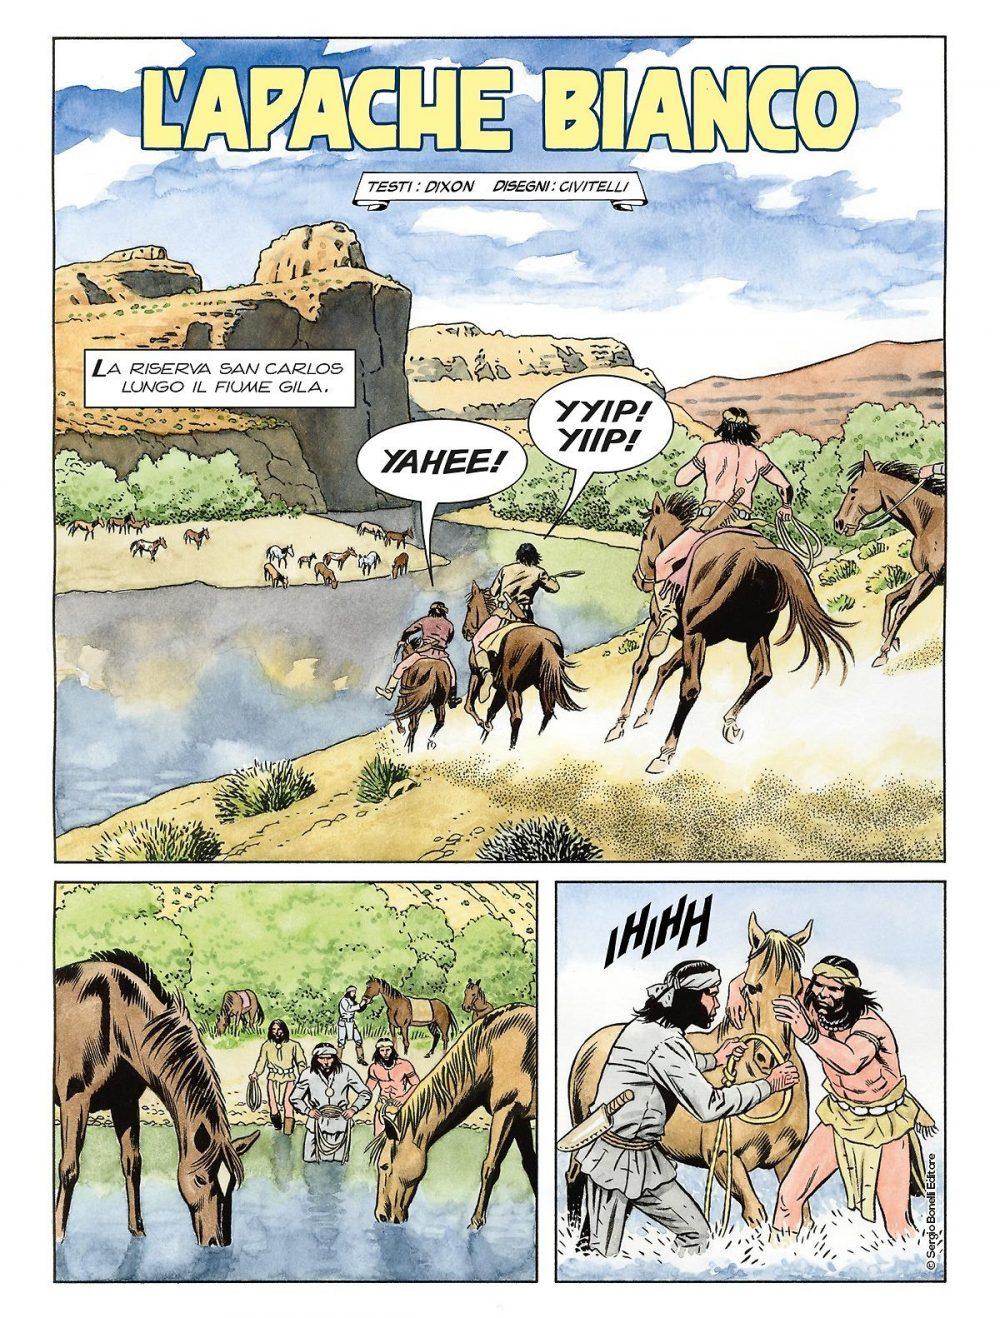 Color Tex 14: L'apache bianco e altre storie, anteprima 01